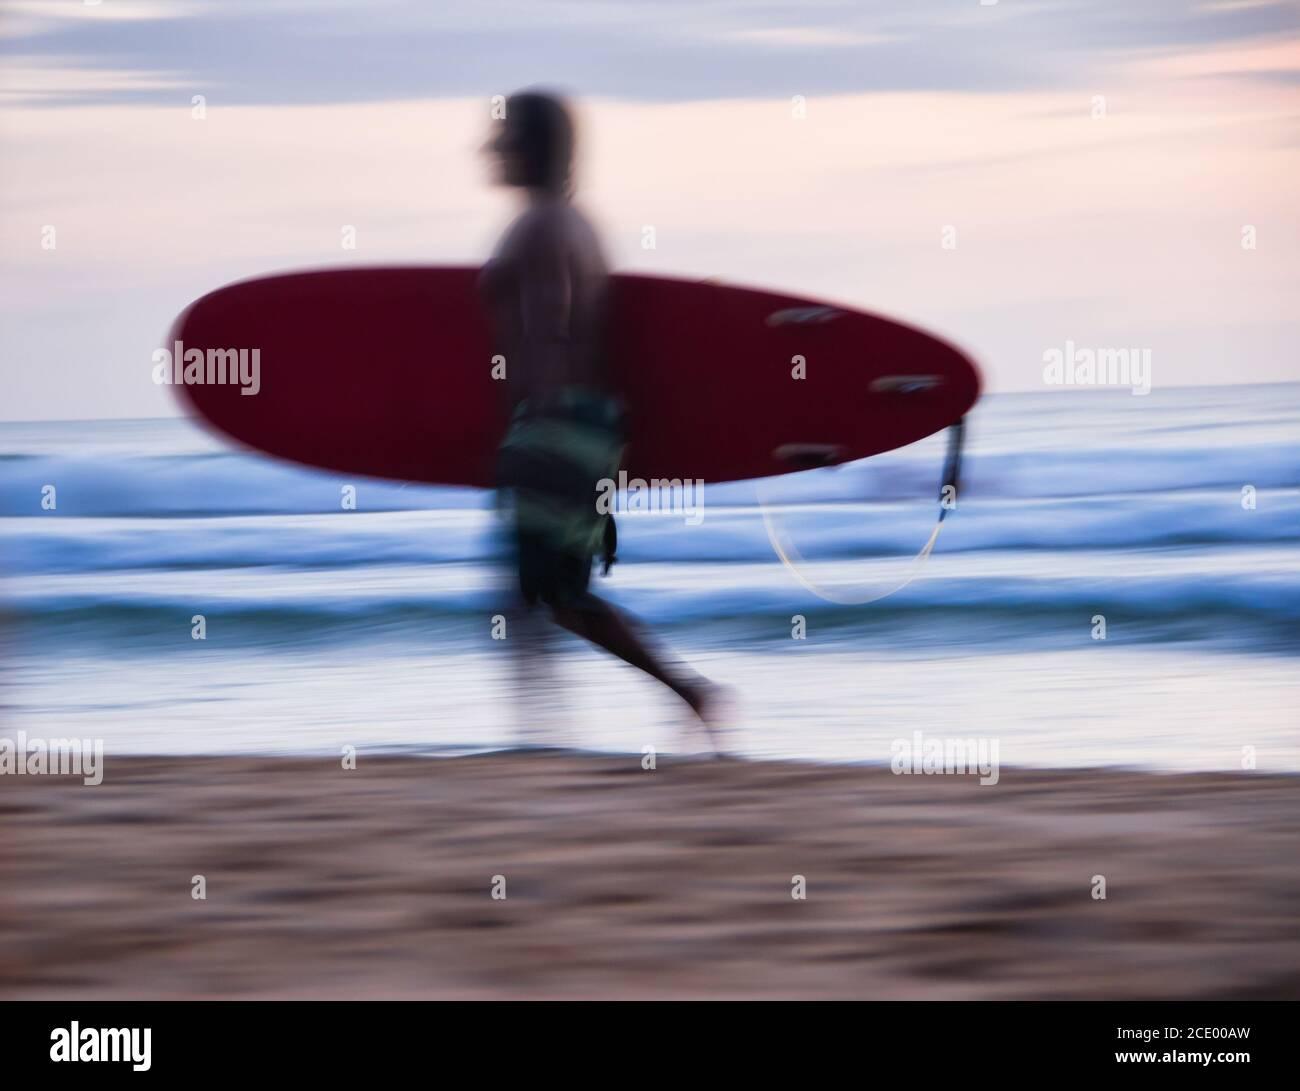 Abendliches Surfen bei Sonnenuntergang. Stockfoto